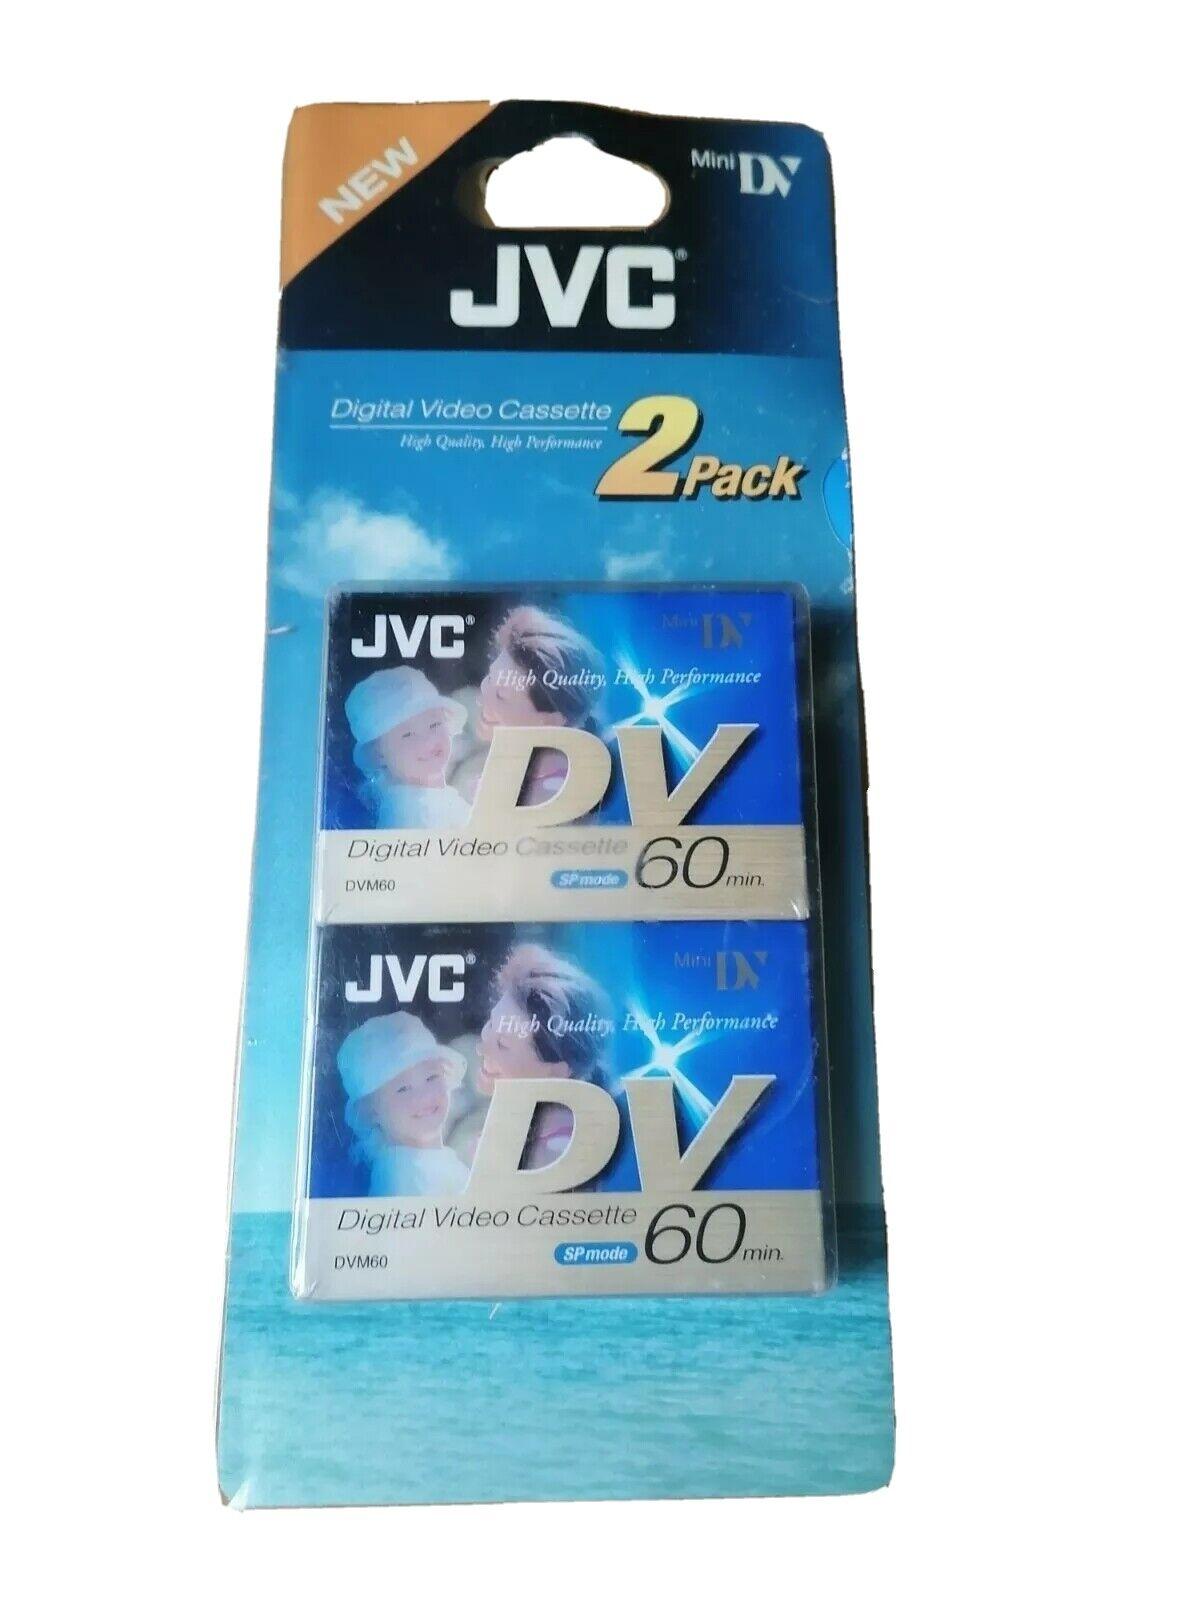 2 pack JVC Mini Digital Video Cassette Brand New sealed (Free UK Shipping)